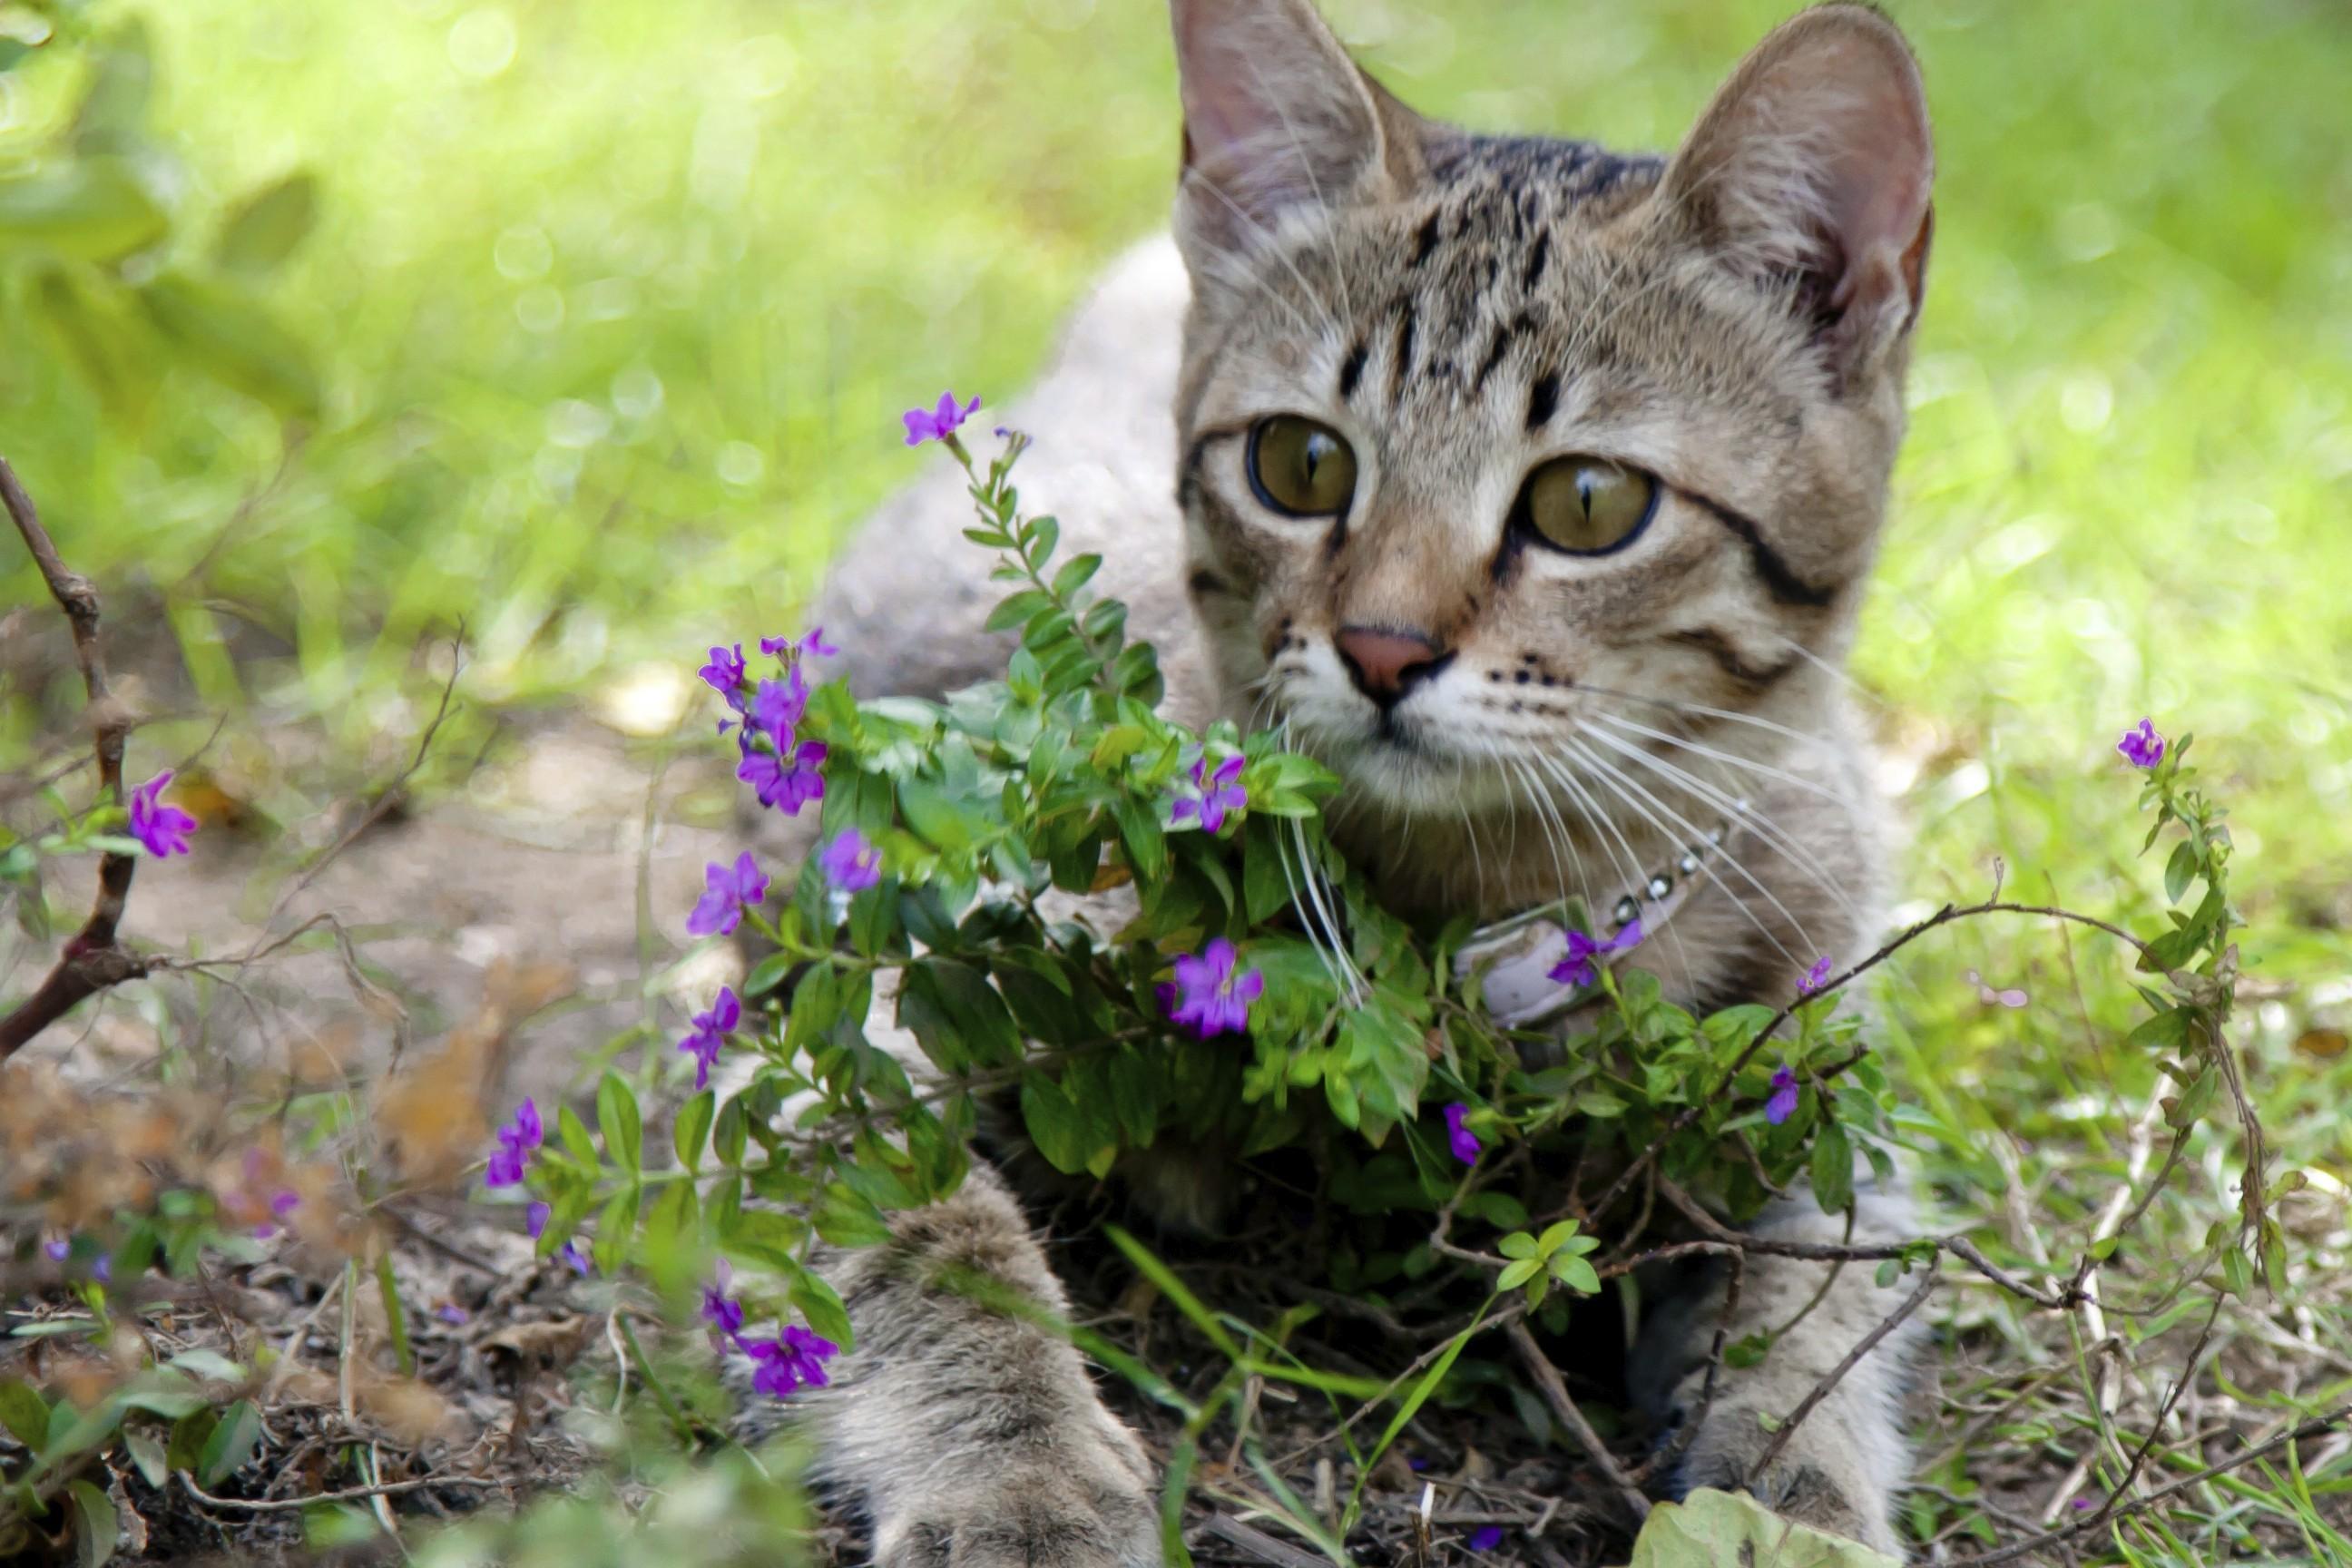 Come allontanare i gatti randagi dal giardino - Allontanare i gatti dal giardino ...